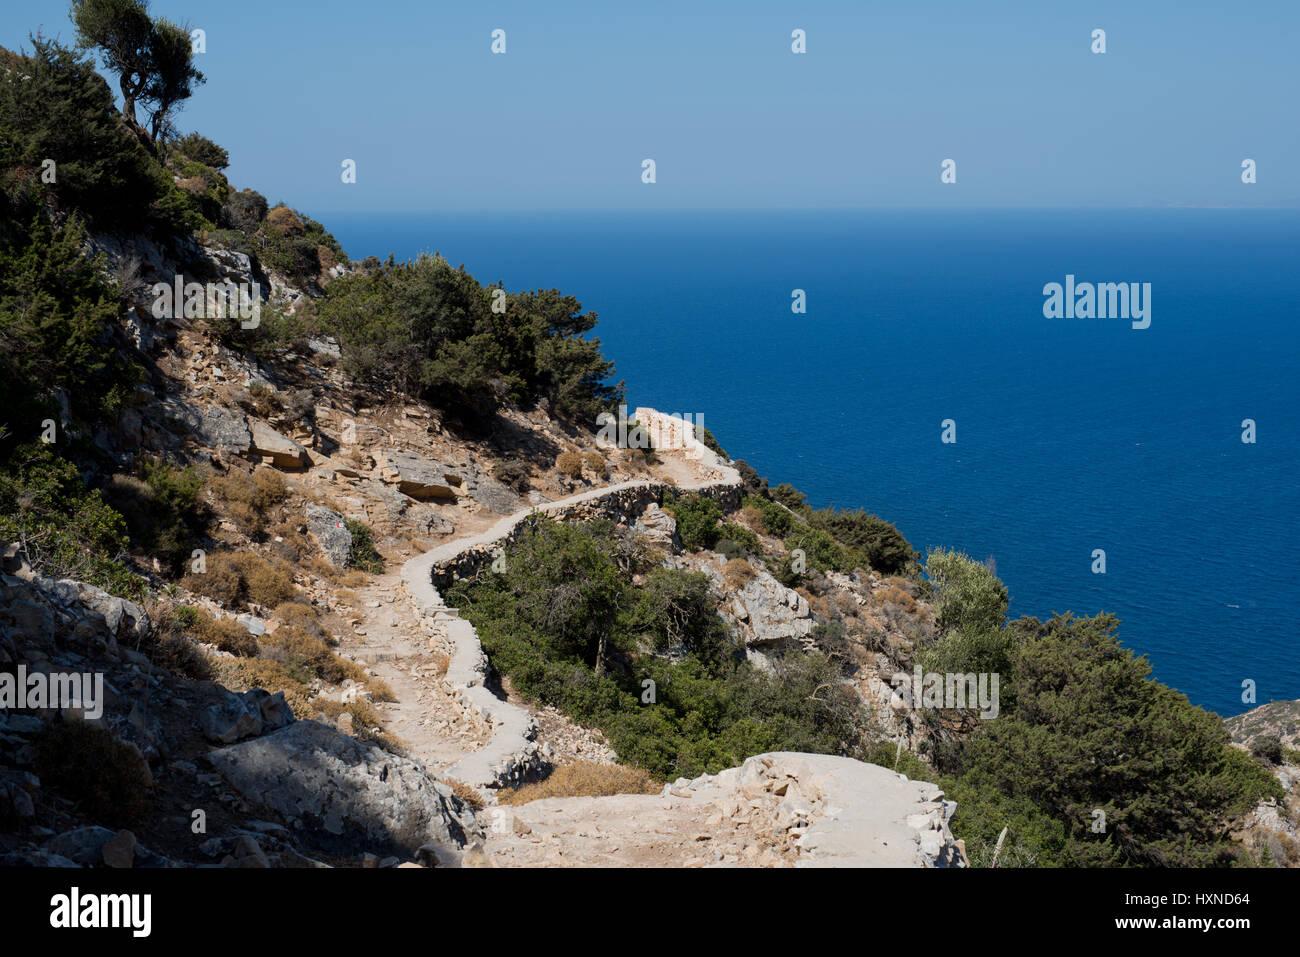 Weg zur Agios Ioannis Höhle auf der Insel Iraklia, kleine Kykladen, Griechenland Stock Photo